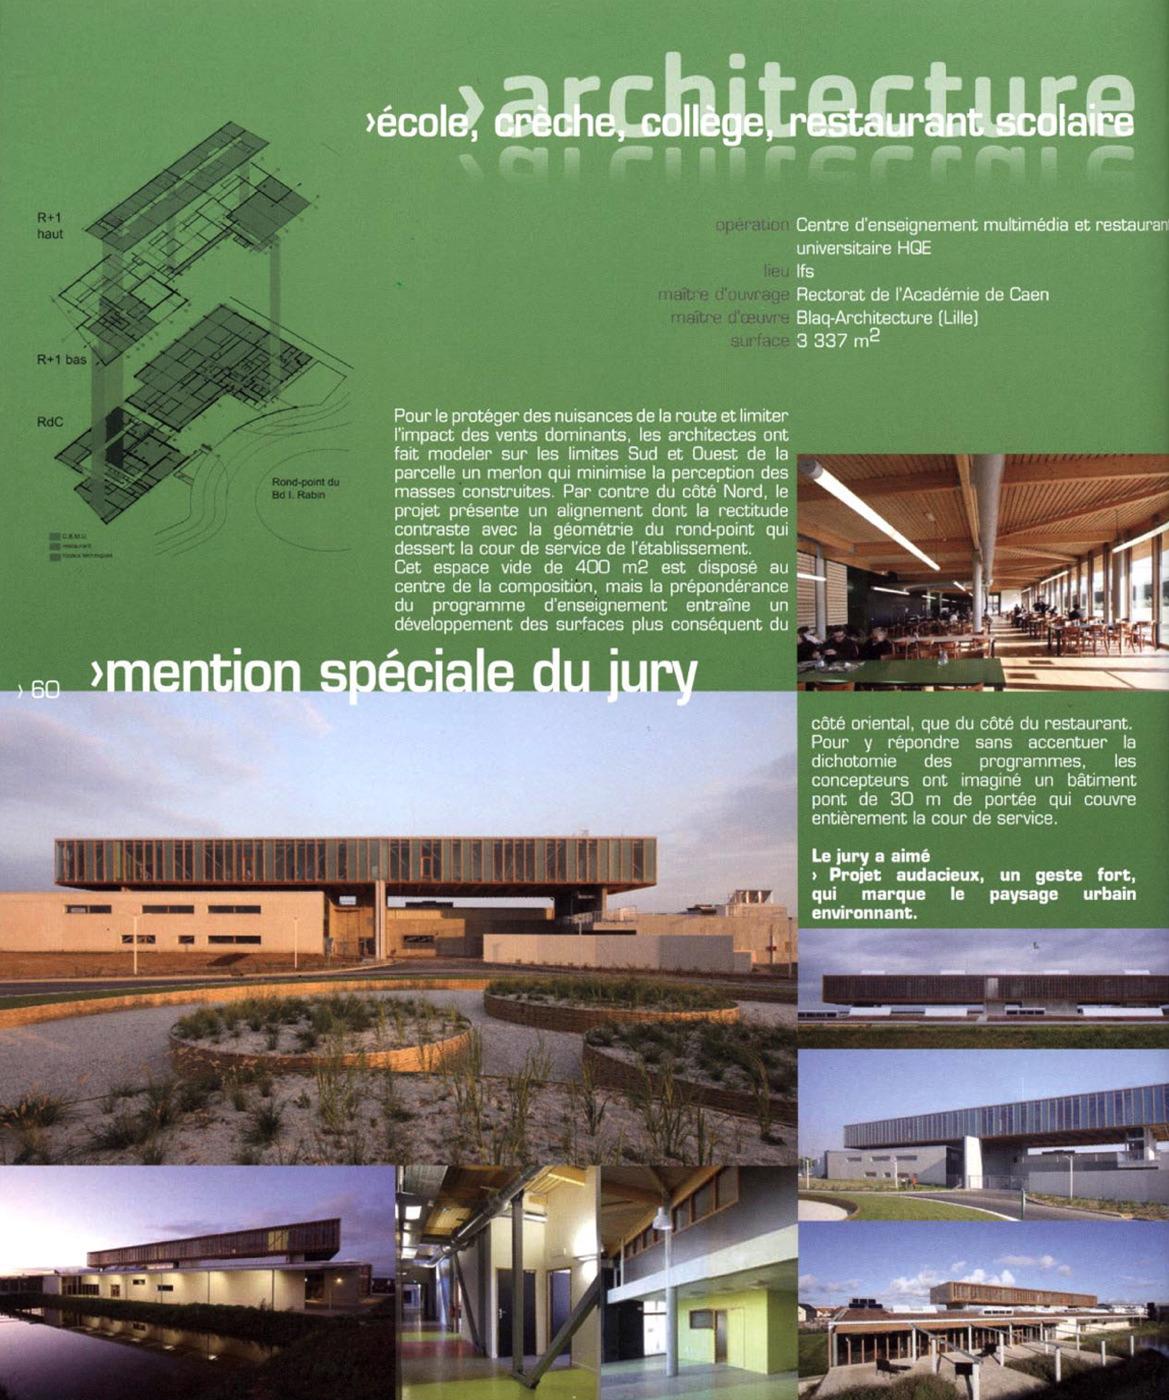 blaq-architectures-Ifs 01 palmarès.jpg